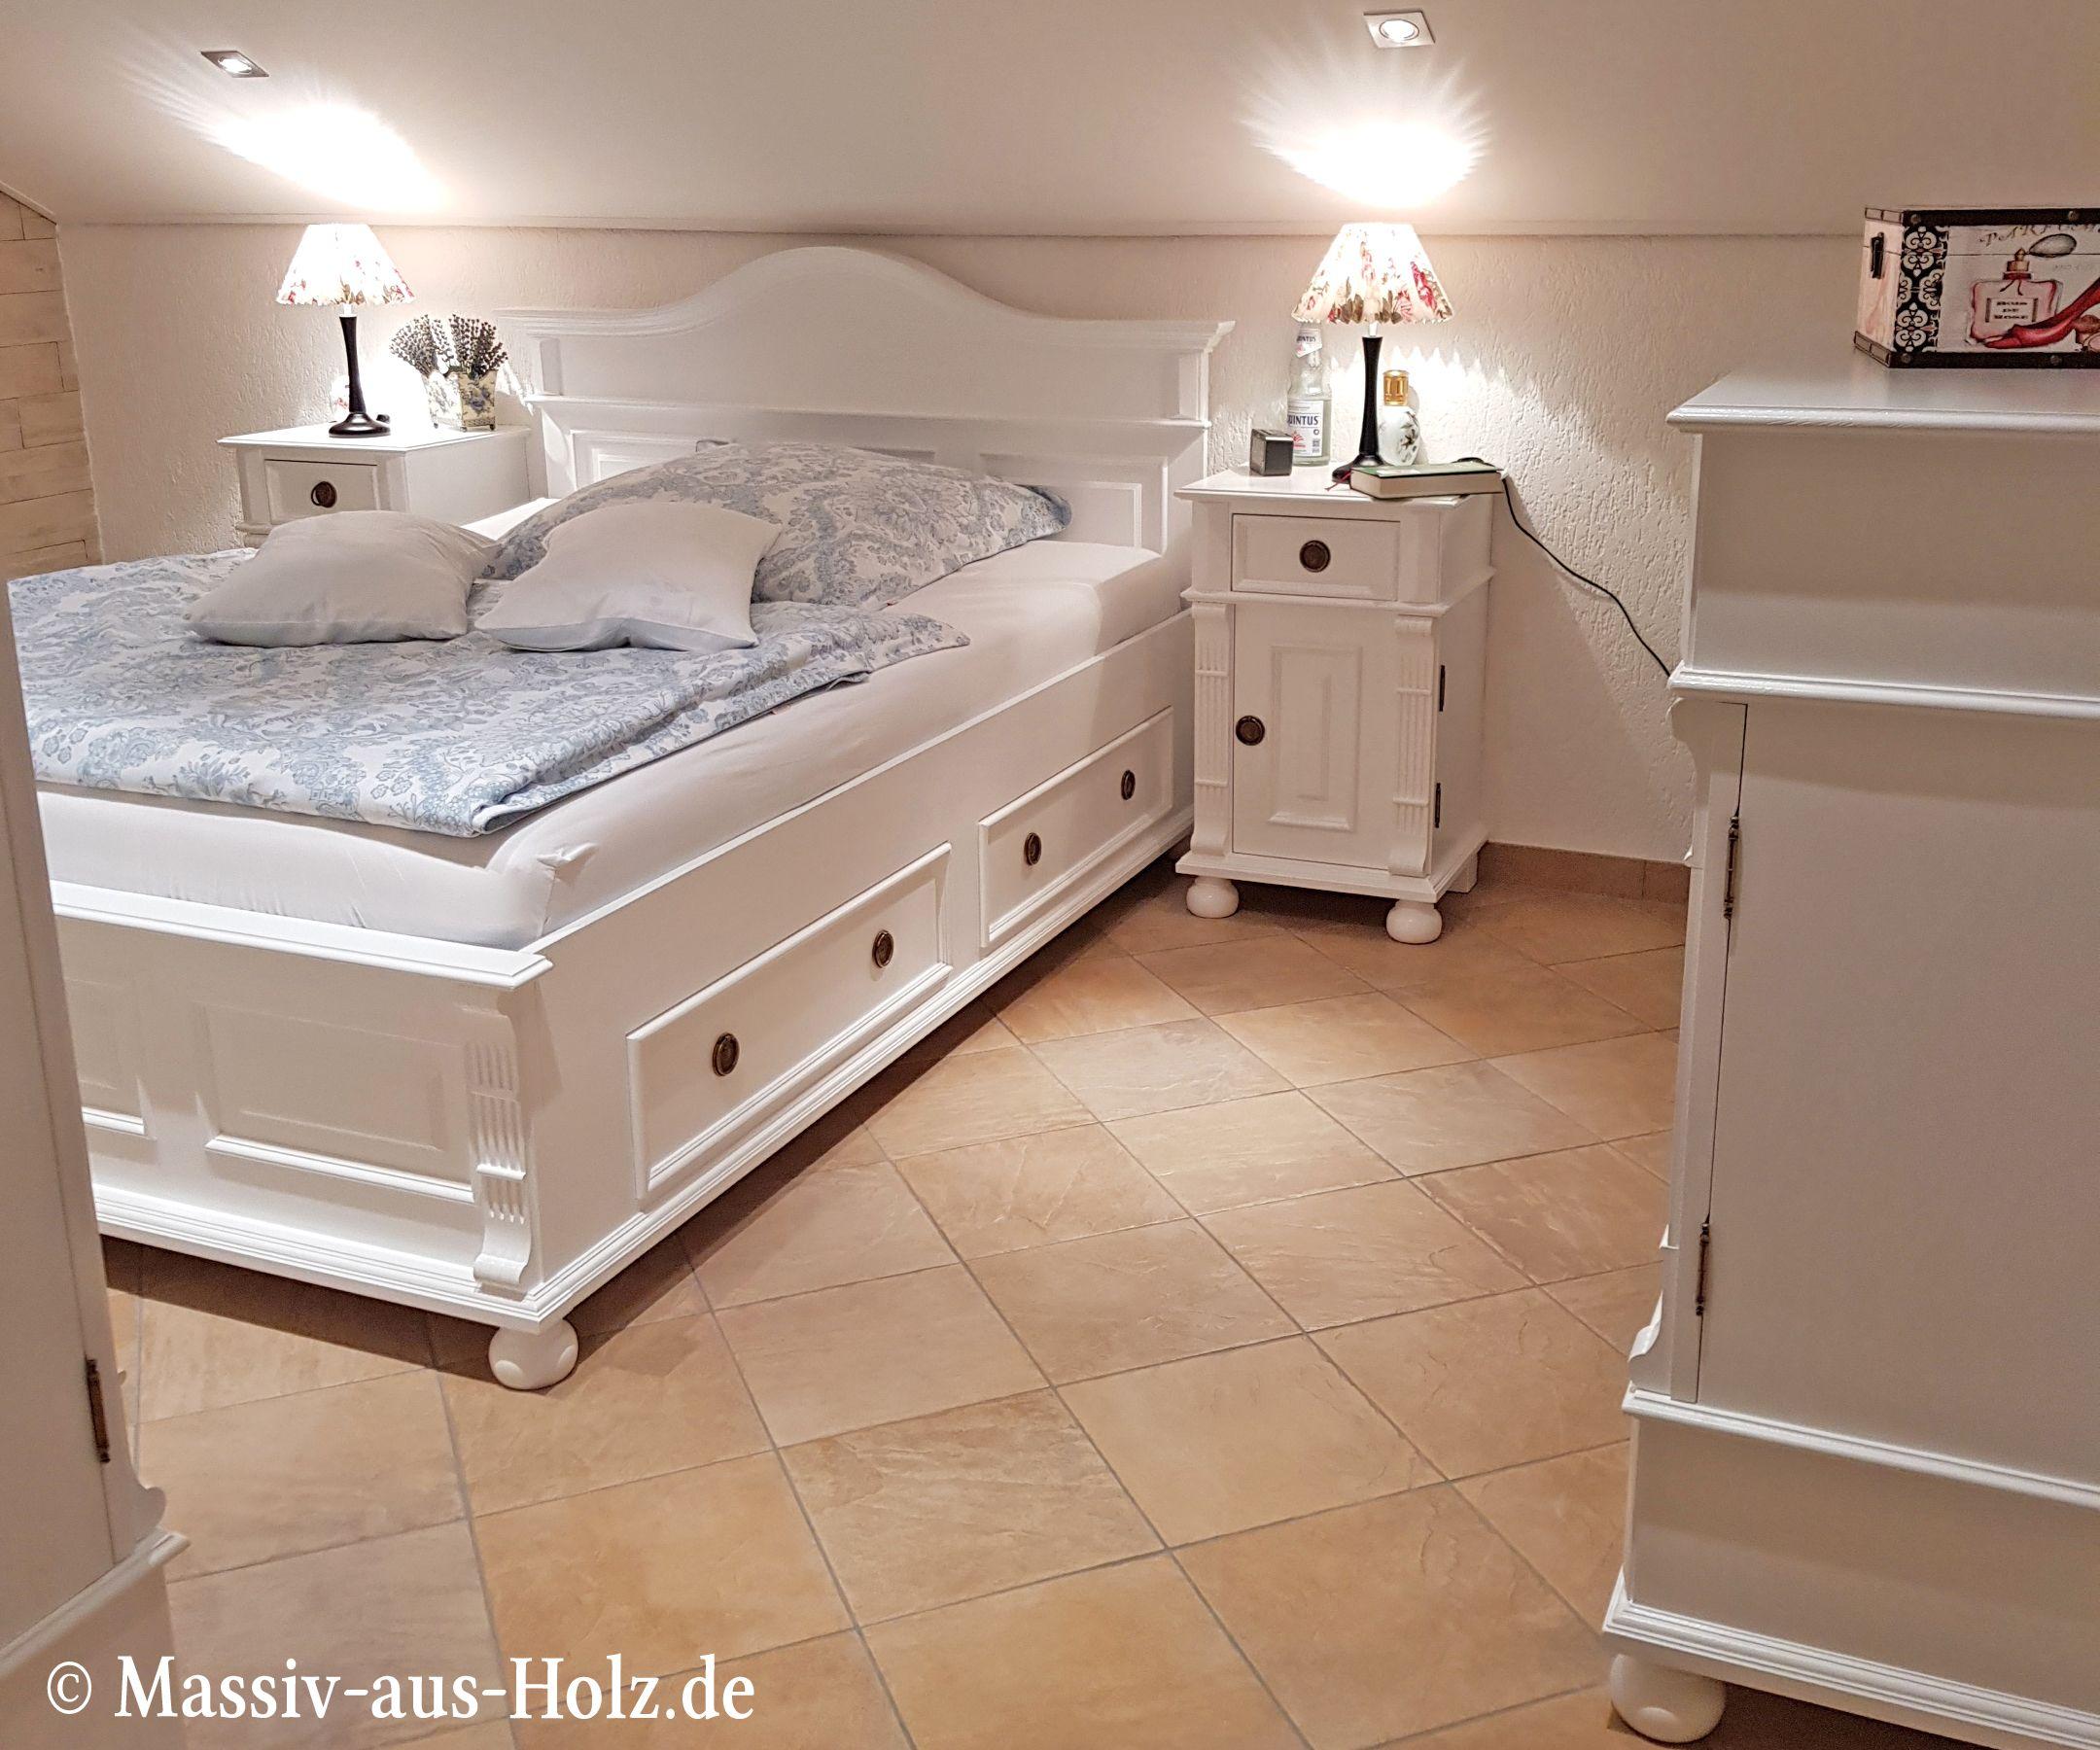 Das Weisse Schlafzimmer Massiv Aus Holz Schlafzimmer Weiss Landhaus Mobel Rustikale Mobel